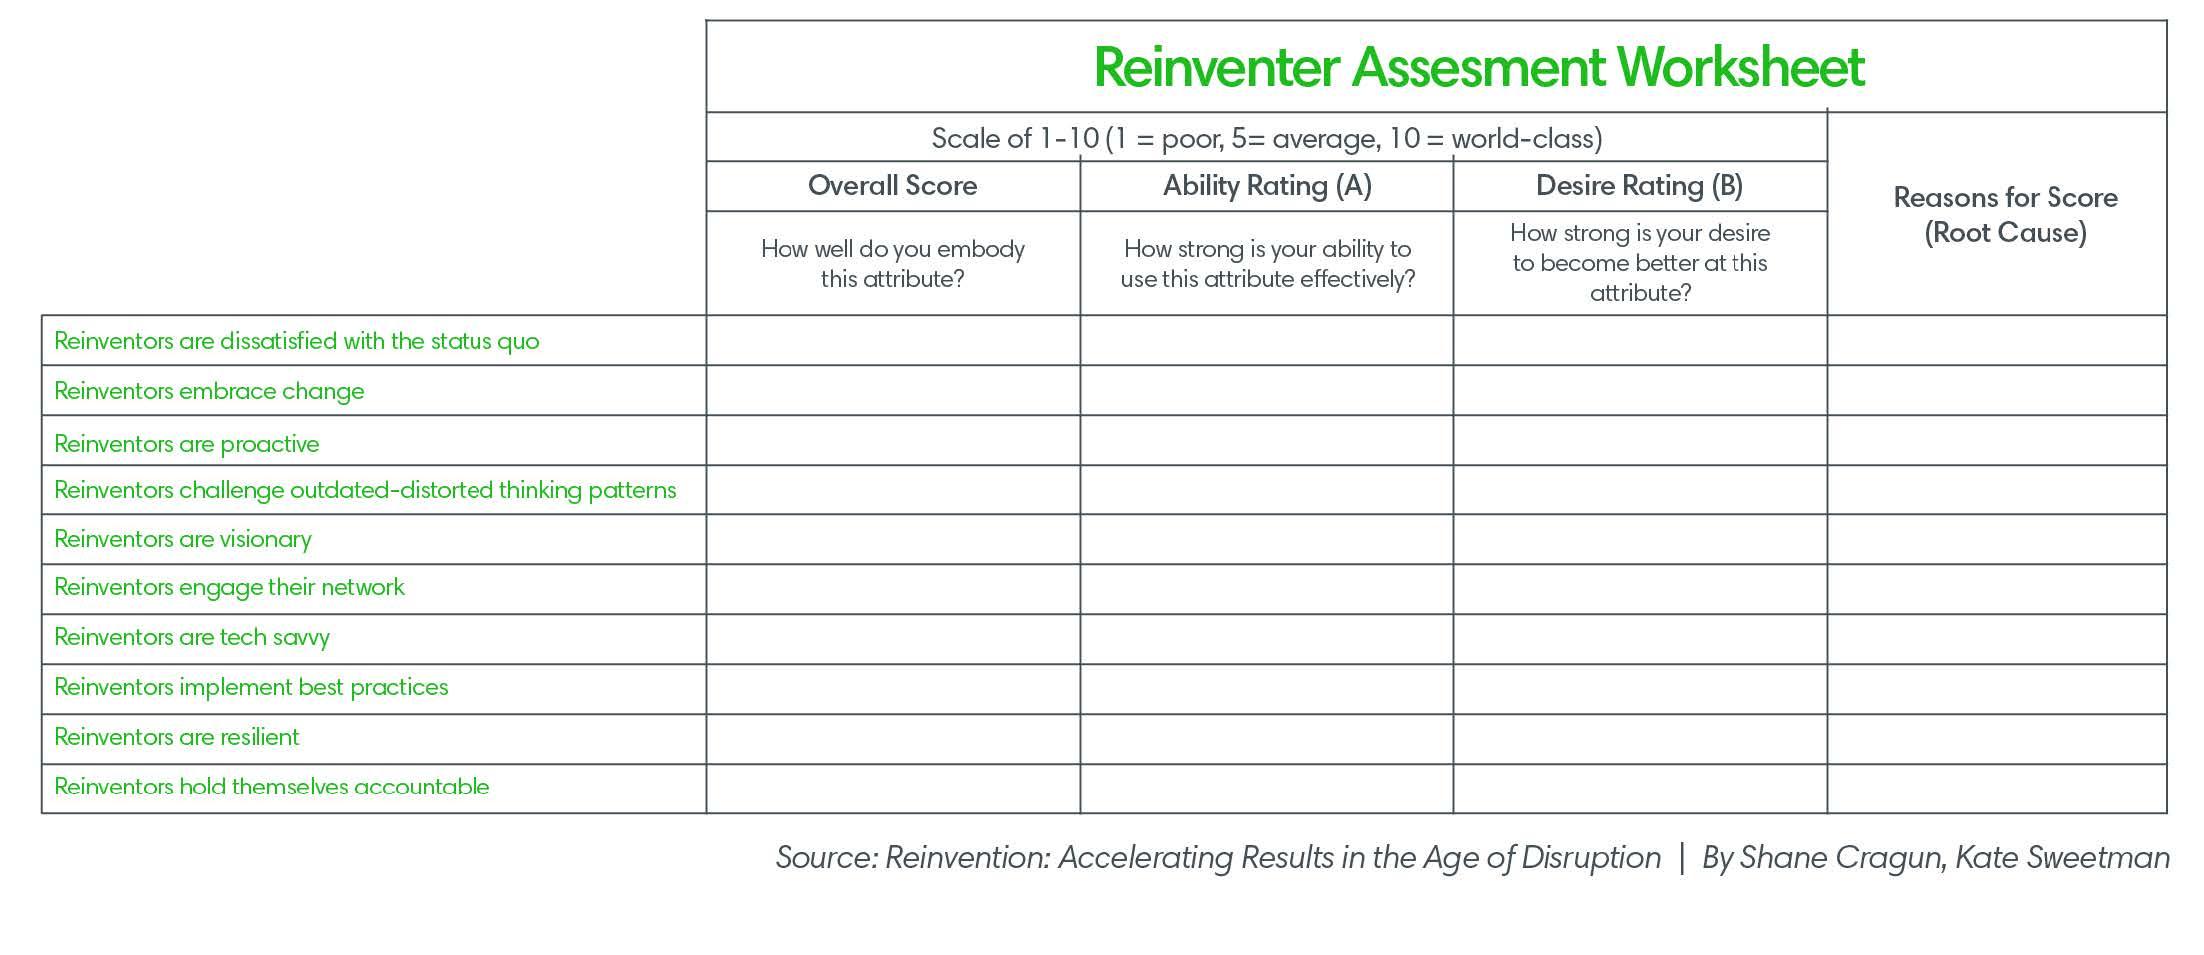 Reinventer Assessment Worksheet